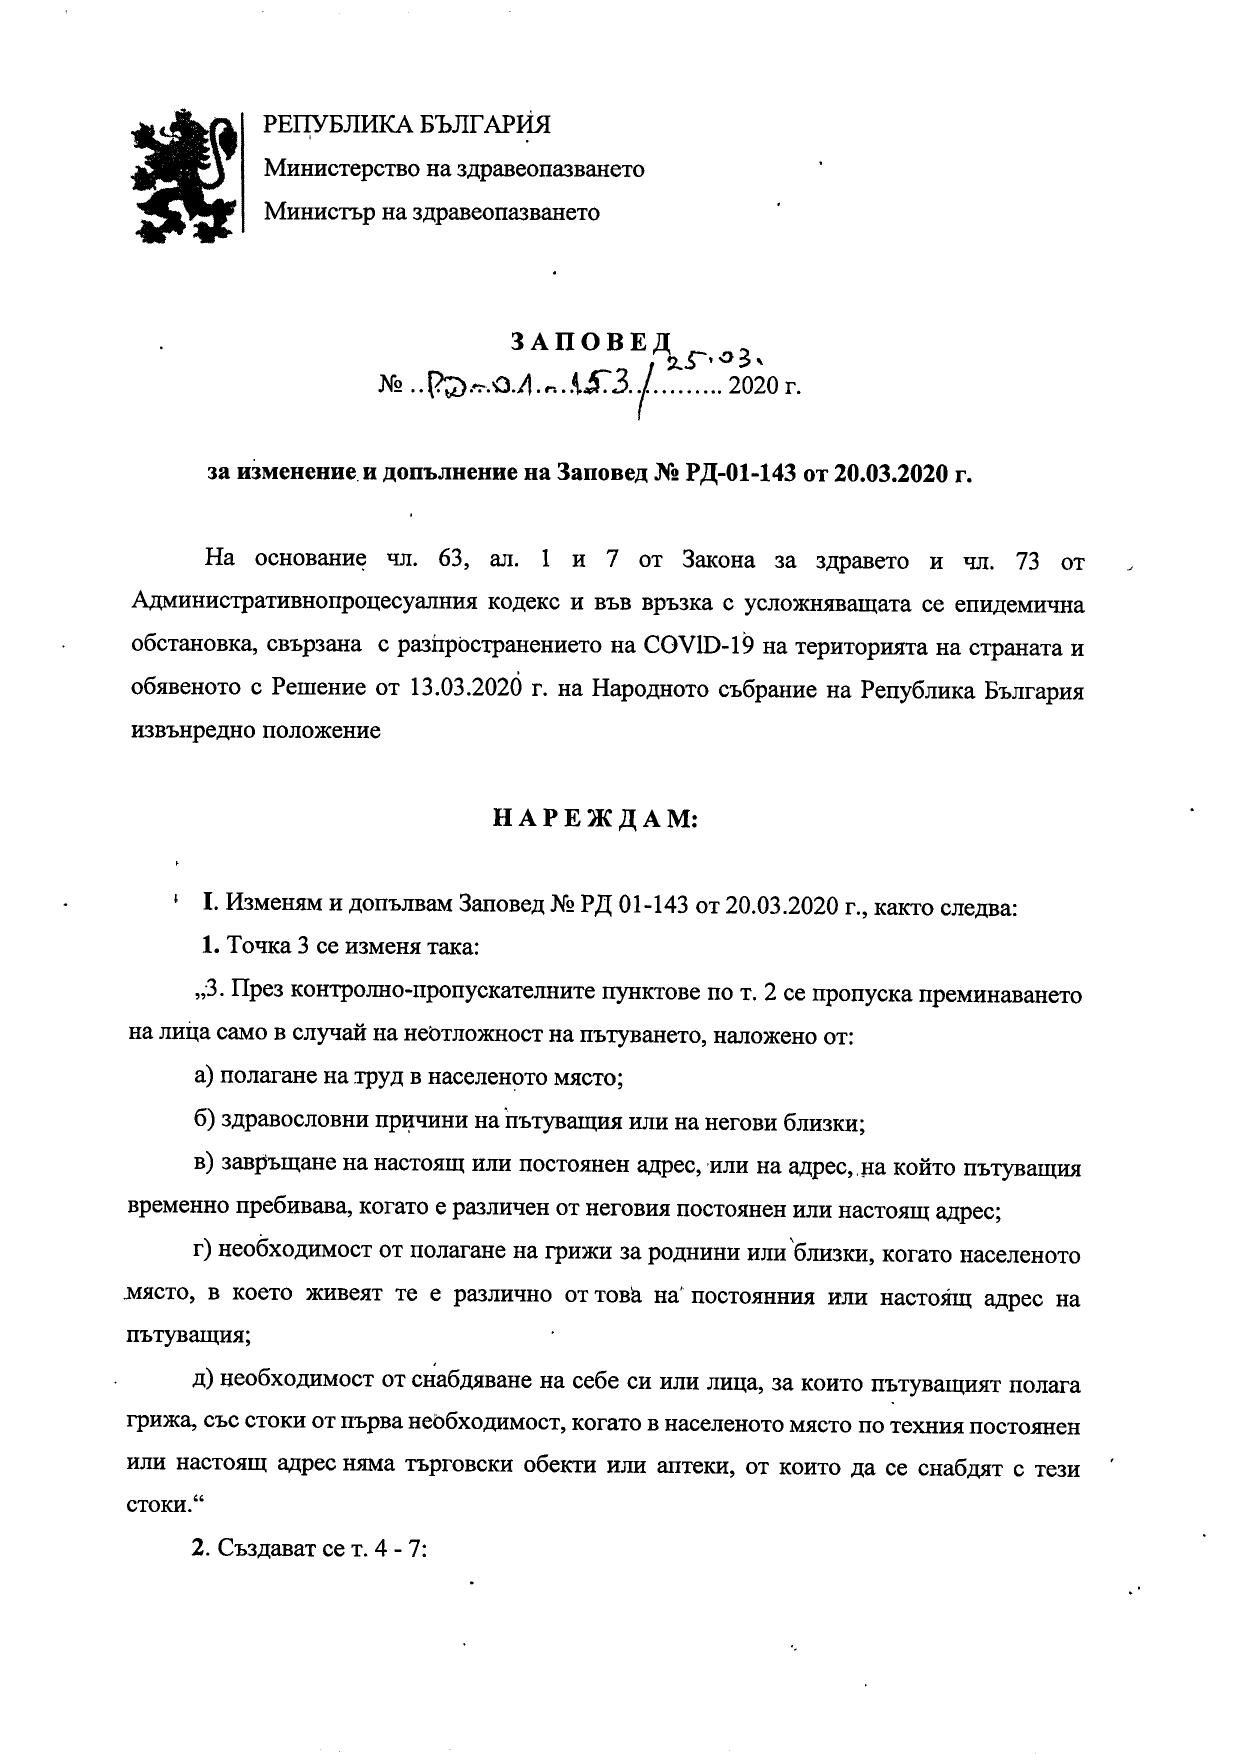 ананиев 1